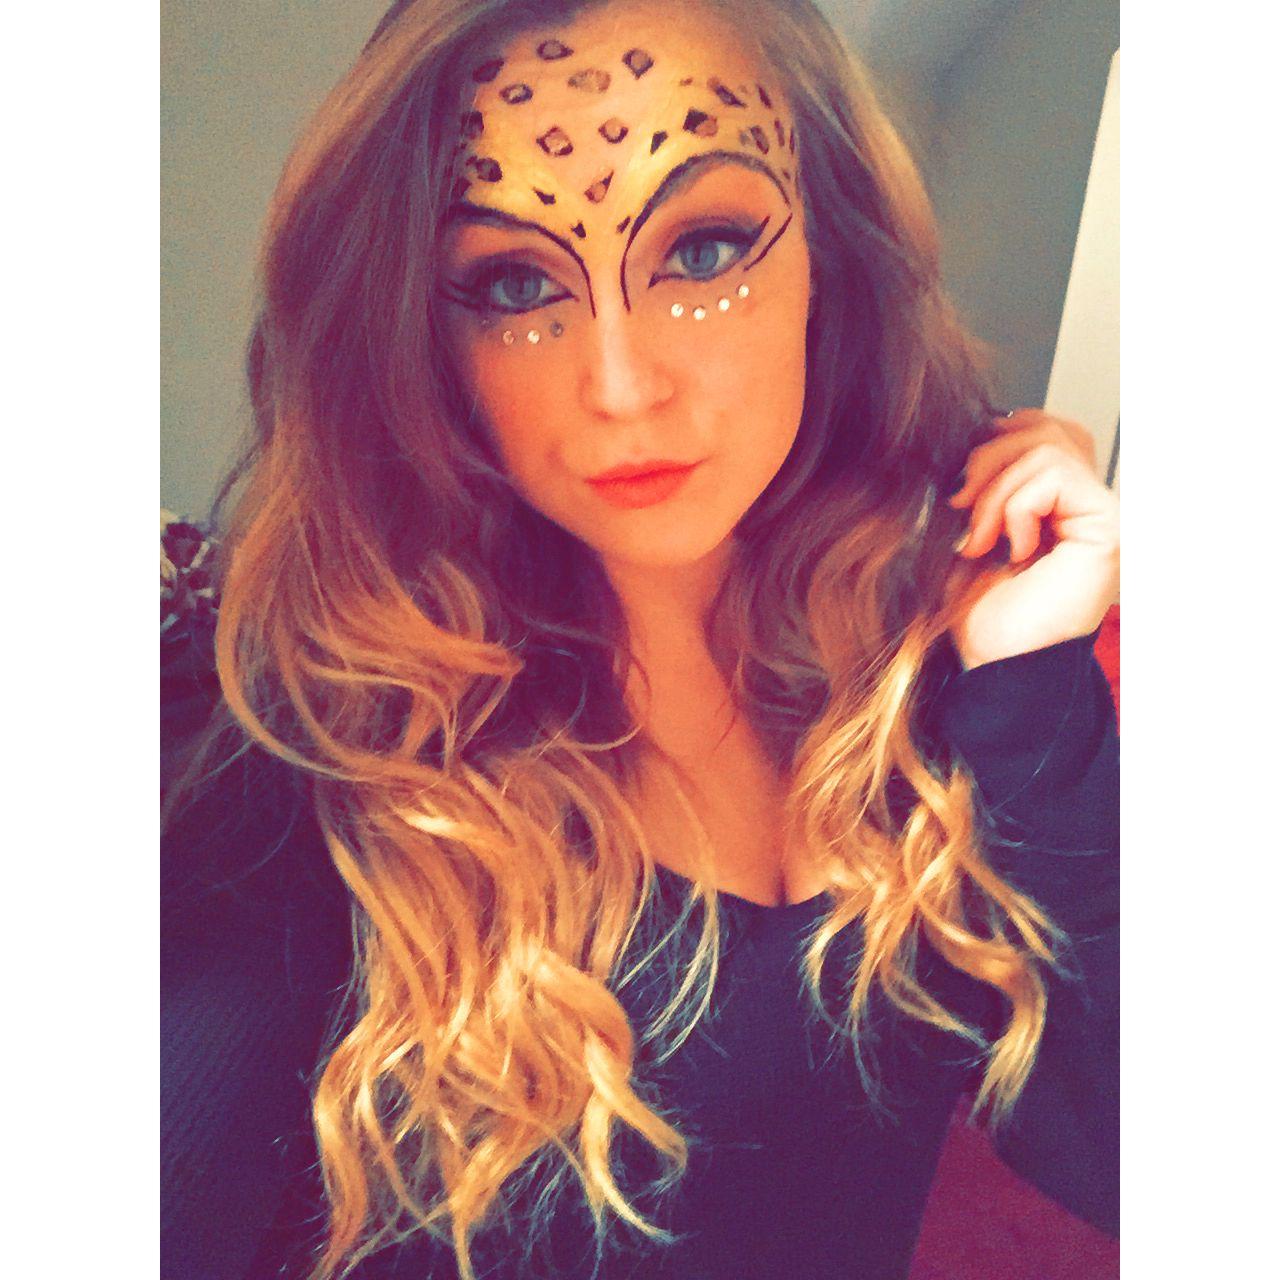 My giraffe makeup from Halloween, love it so much! #halloween ...